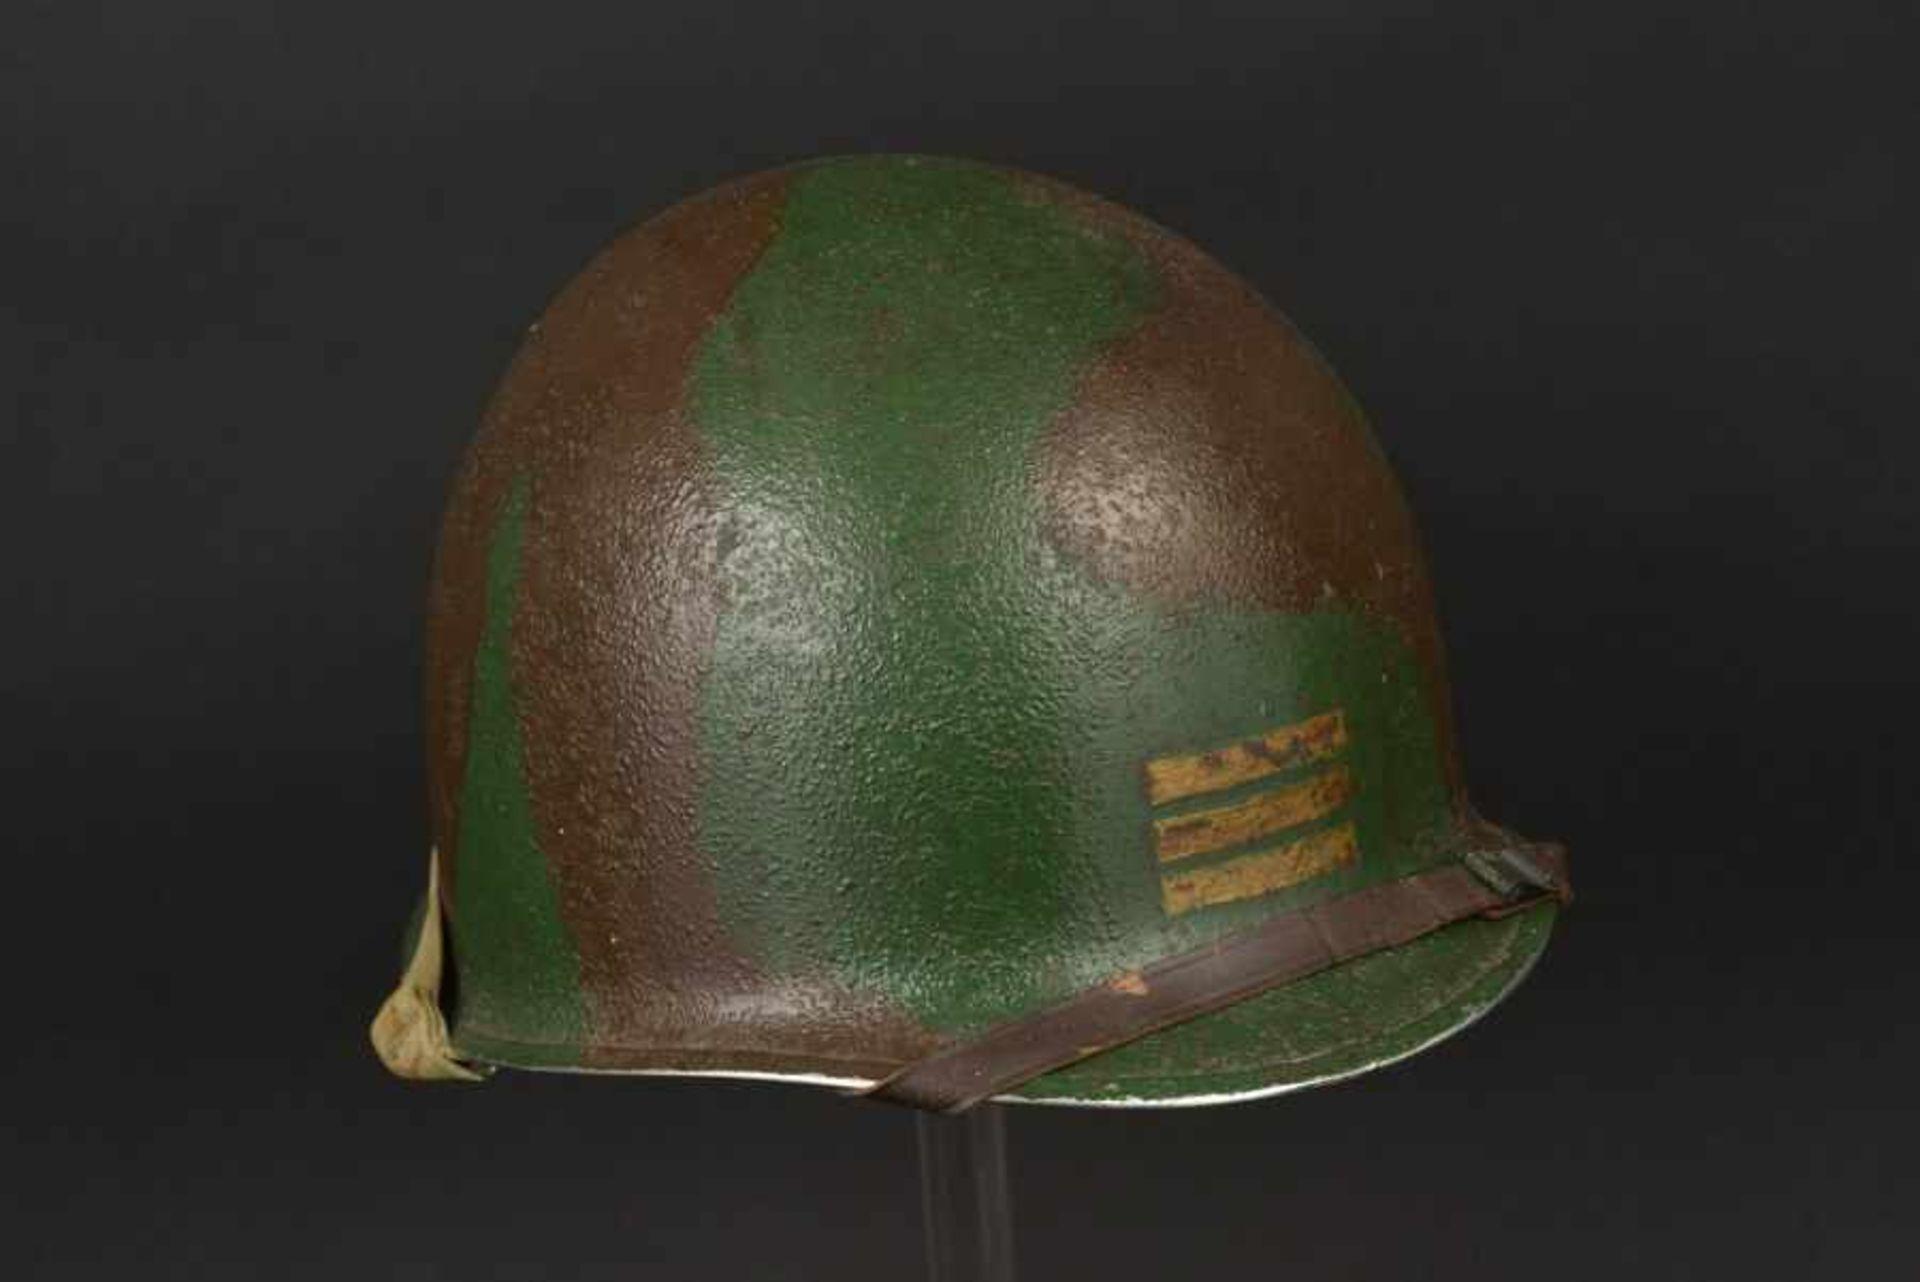 Los 22 - Casque camouflé d'un capitaine de la 2ème DB française. Camouflaged helmet of a Captain of the 2nd